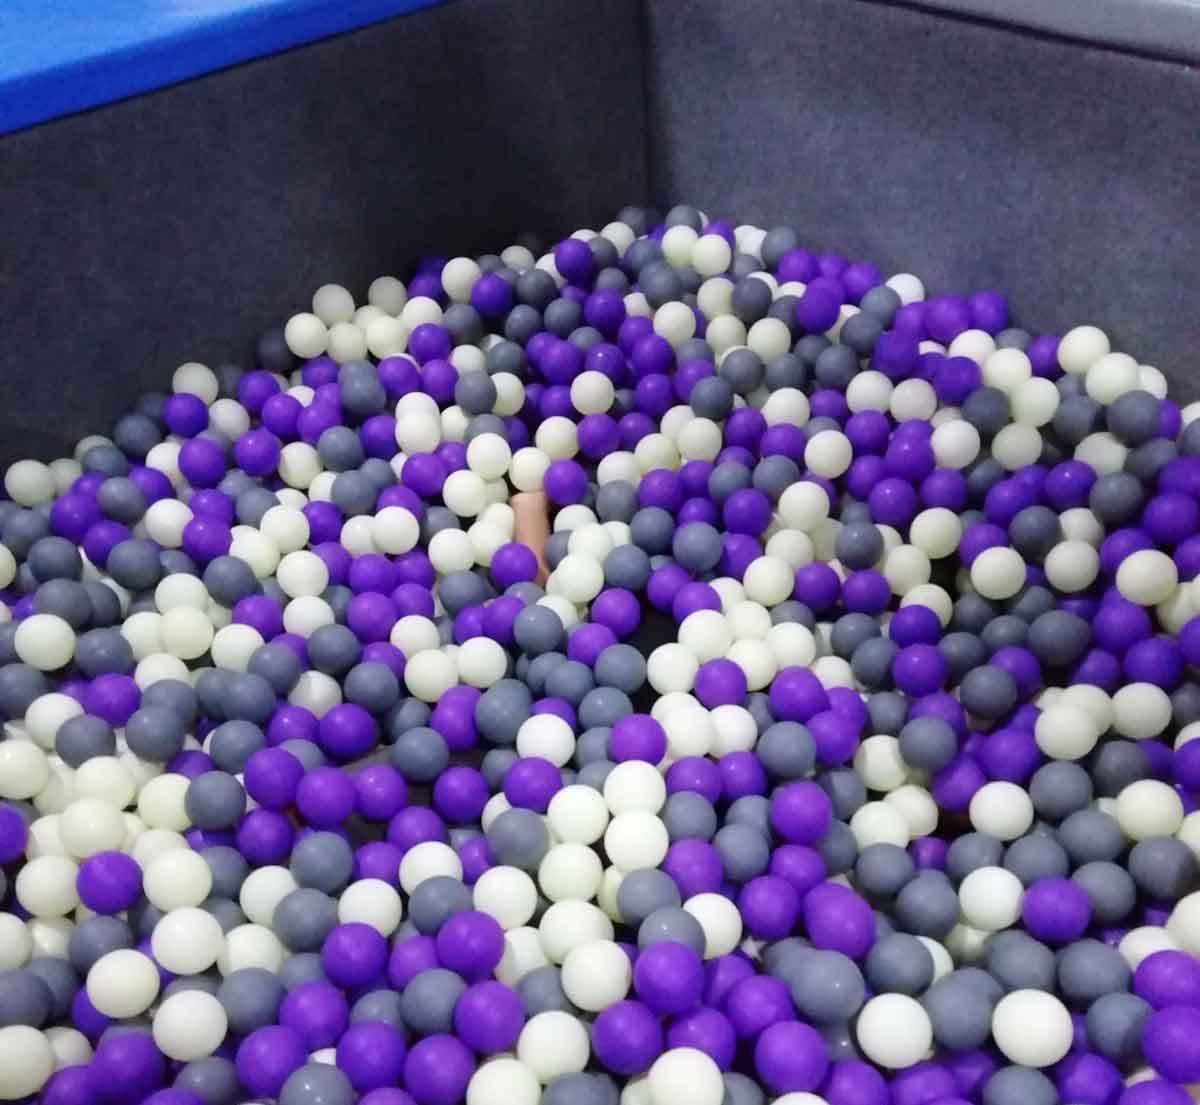 忍者コースの下に敷き詰められているボール